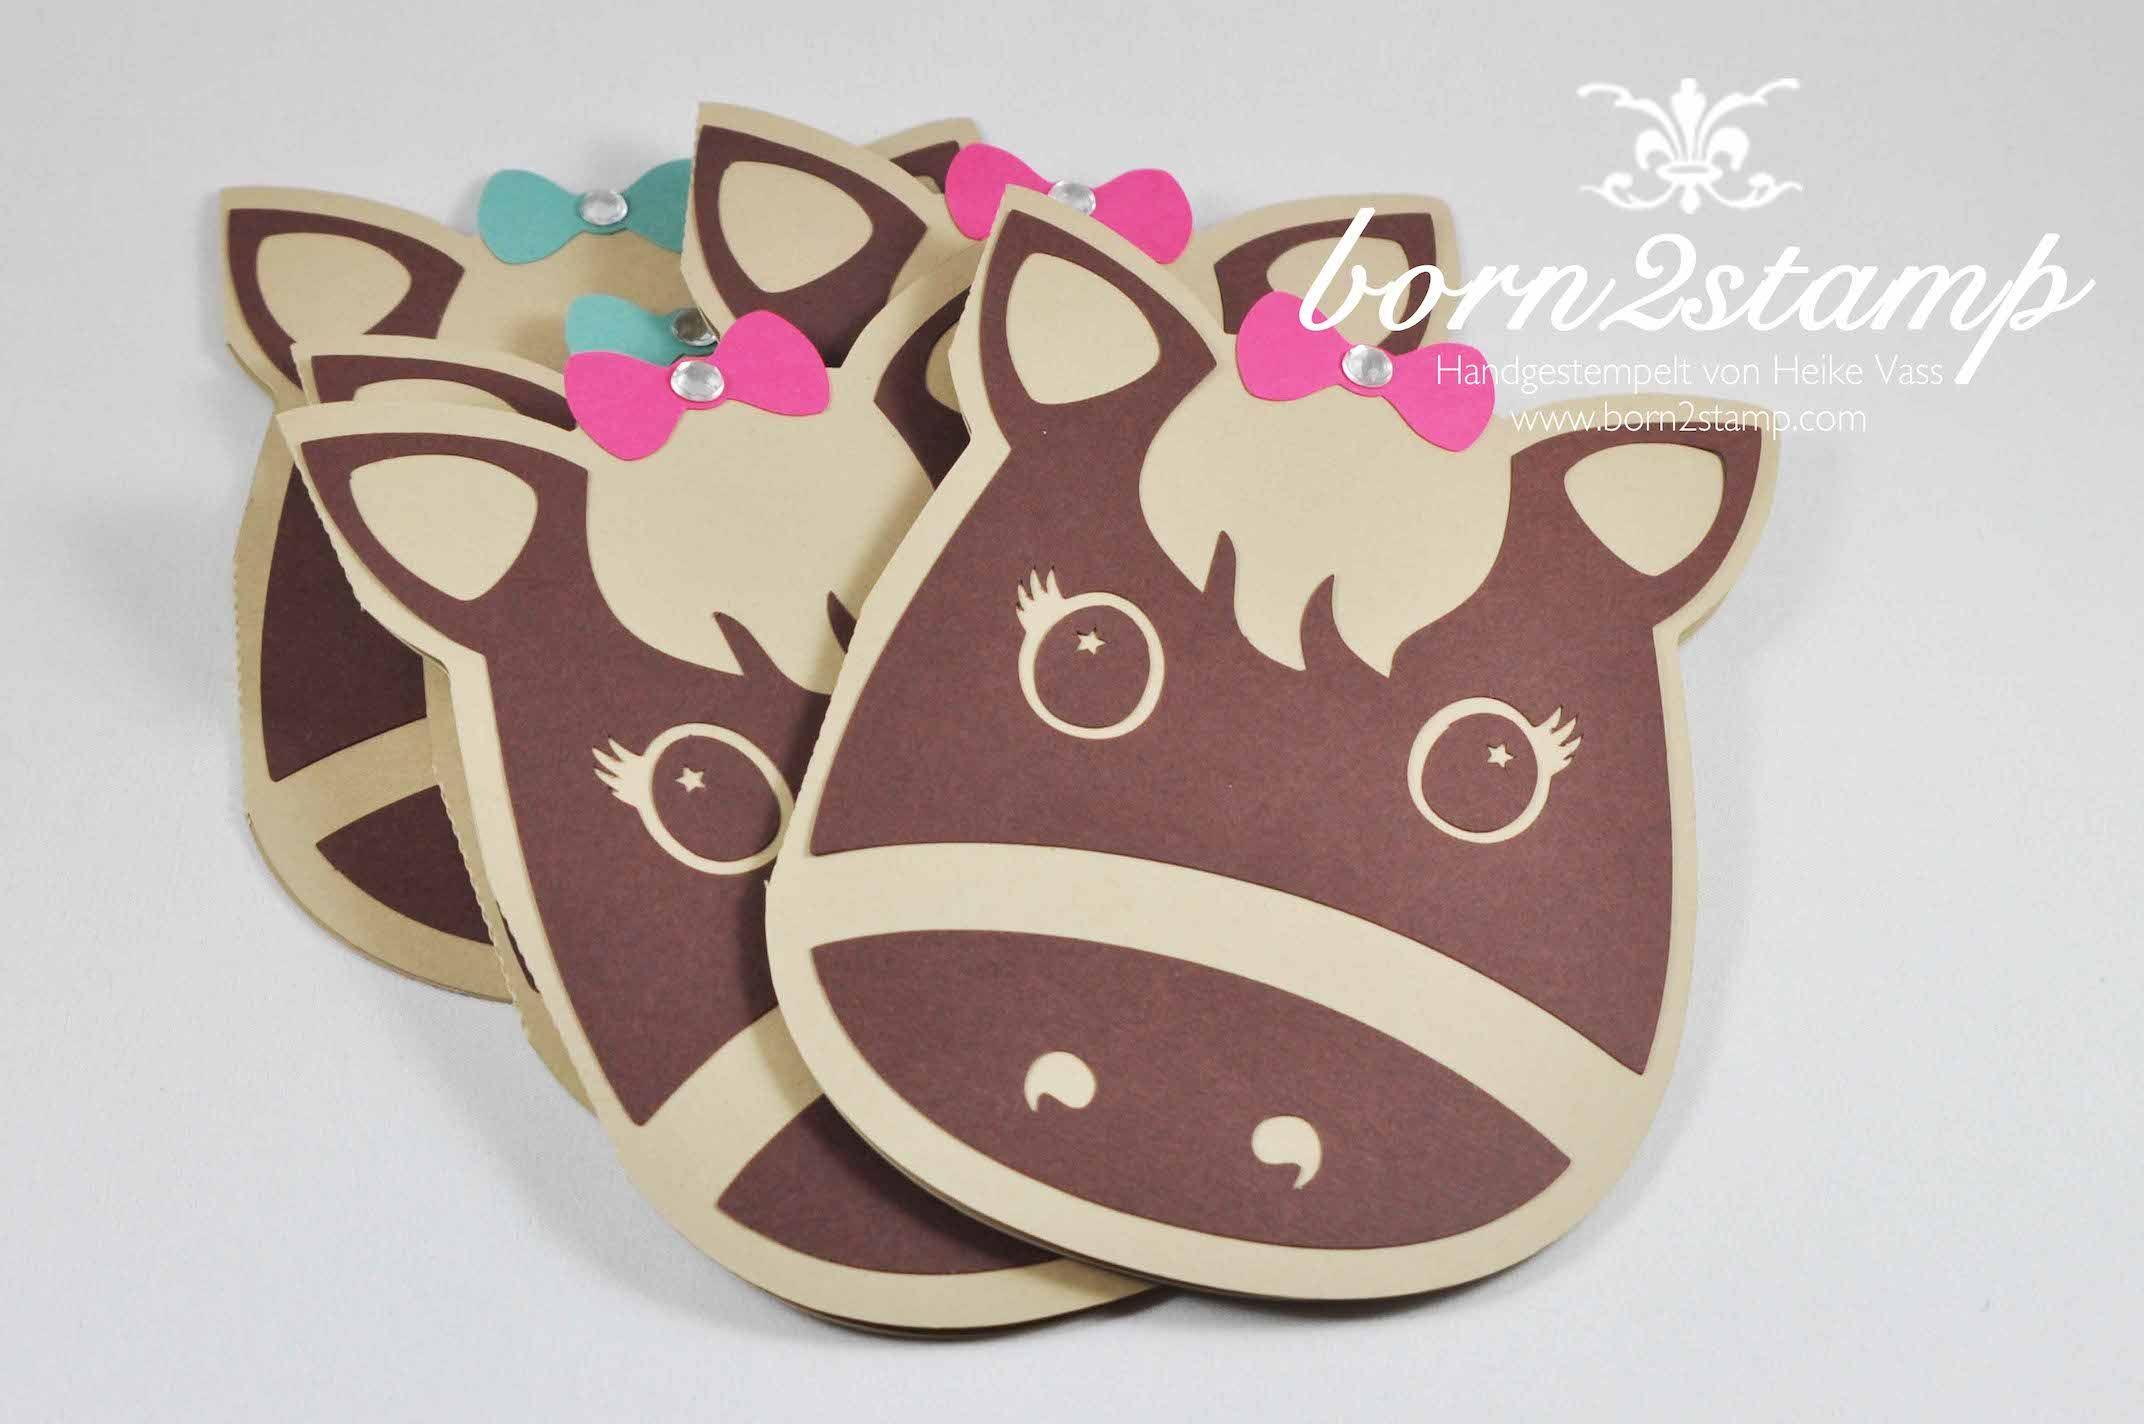 stampin' up! born2stamp einladung pferdeparty kindergeburtstag, Einladung